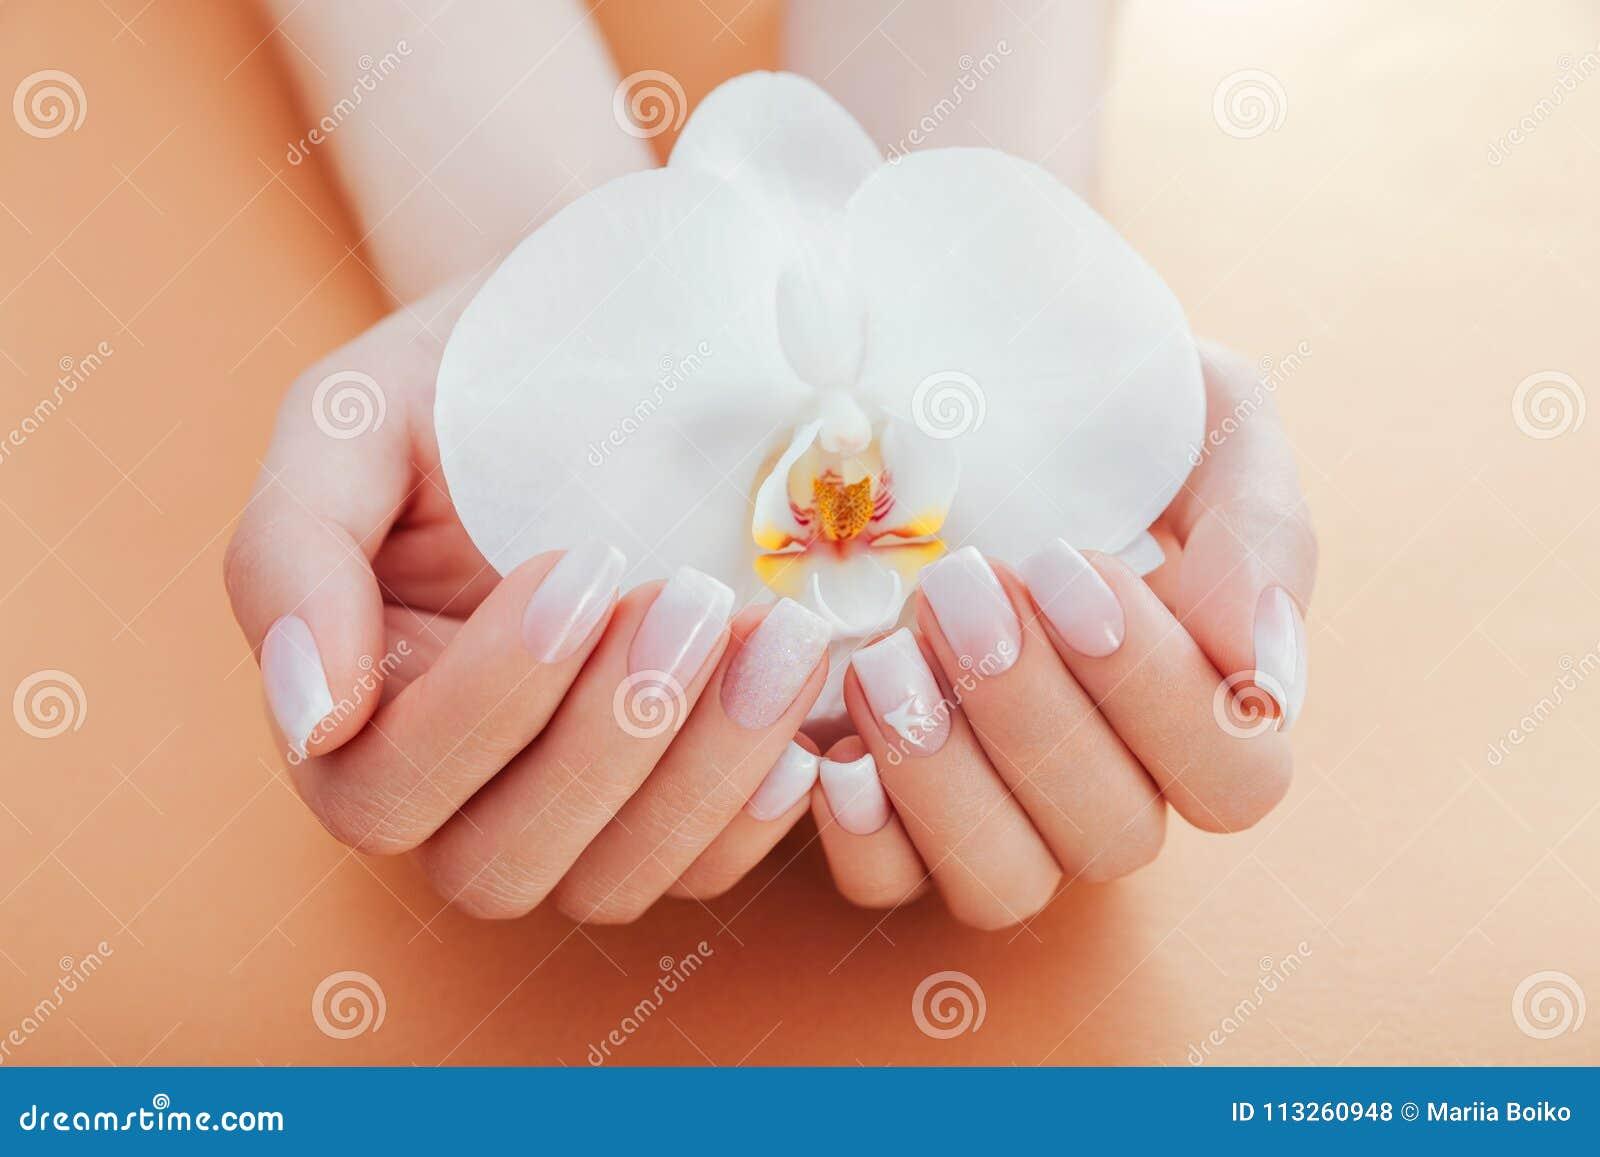 Tratamento de mãos francês de Ombre com a orquídea no fundo alaranjado A mulher com tratamento de mãos francês do ombre branco gu